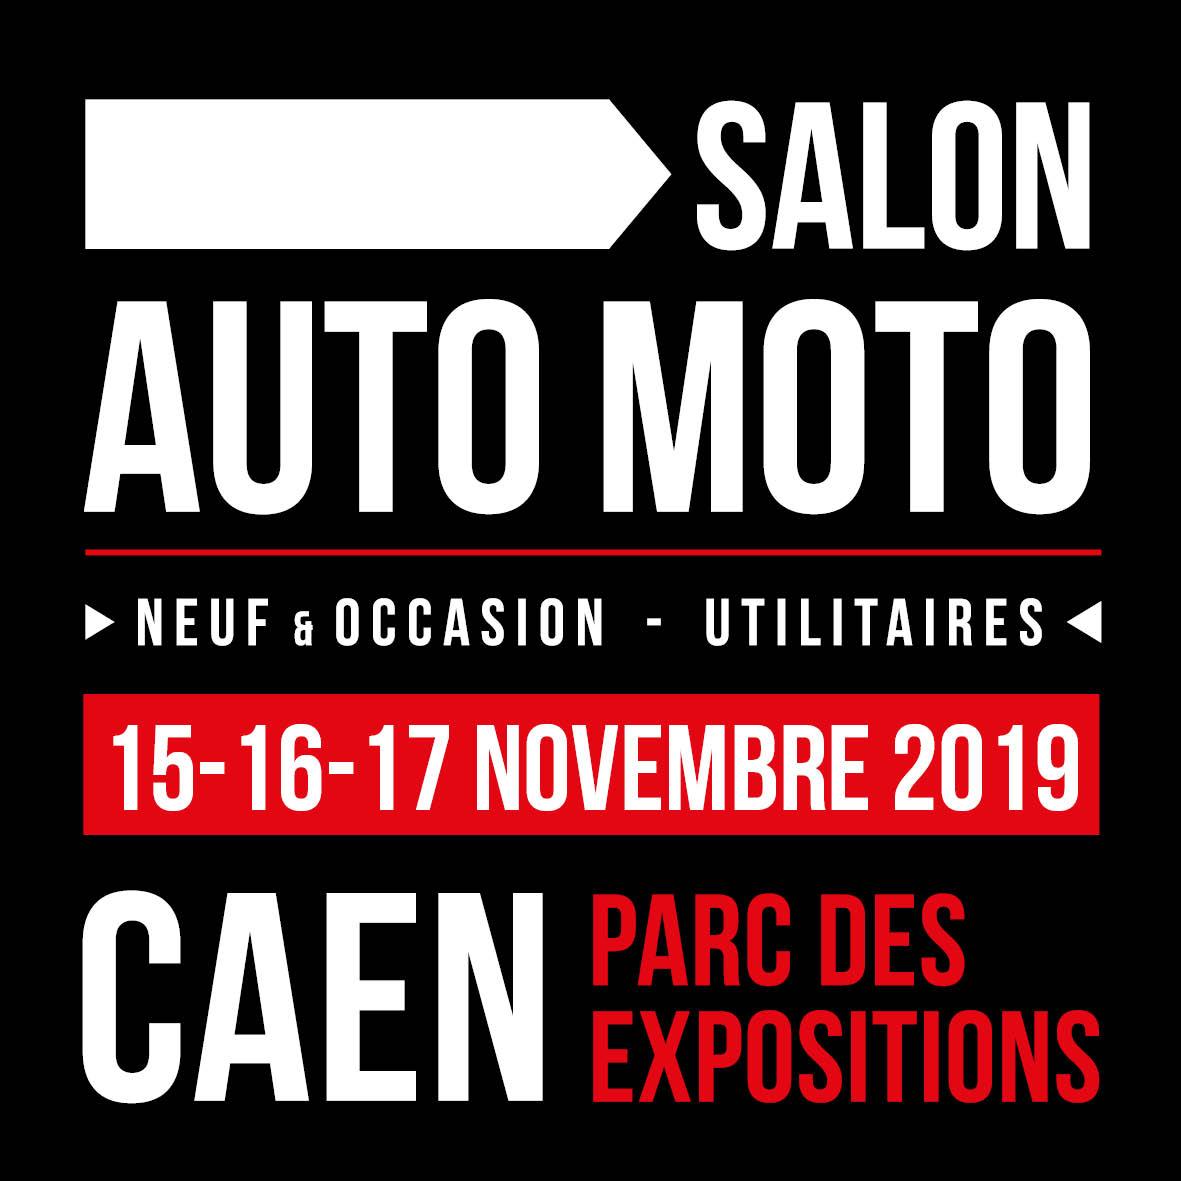 #AutoMotoCaen J-1 ⏱🚗🏍  ⏱Horaires : de 10h à 19h / Nocturne le vendredi jusqu'à 21h. 🎫Tarifs :  5 € Entrée tarif réduit (personnes en situation de handicap, les demandeurs d'emploi & les étudiants) : 3 € Gratuit pour les enfants -12 ans.  #Caen #Voiture #Moto #Salon https://t.co/CnTTOpr9Xe